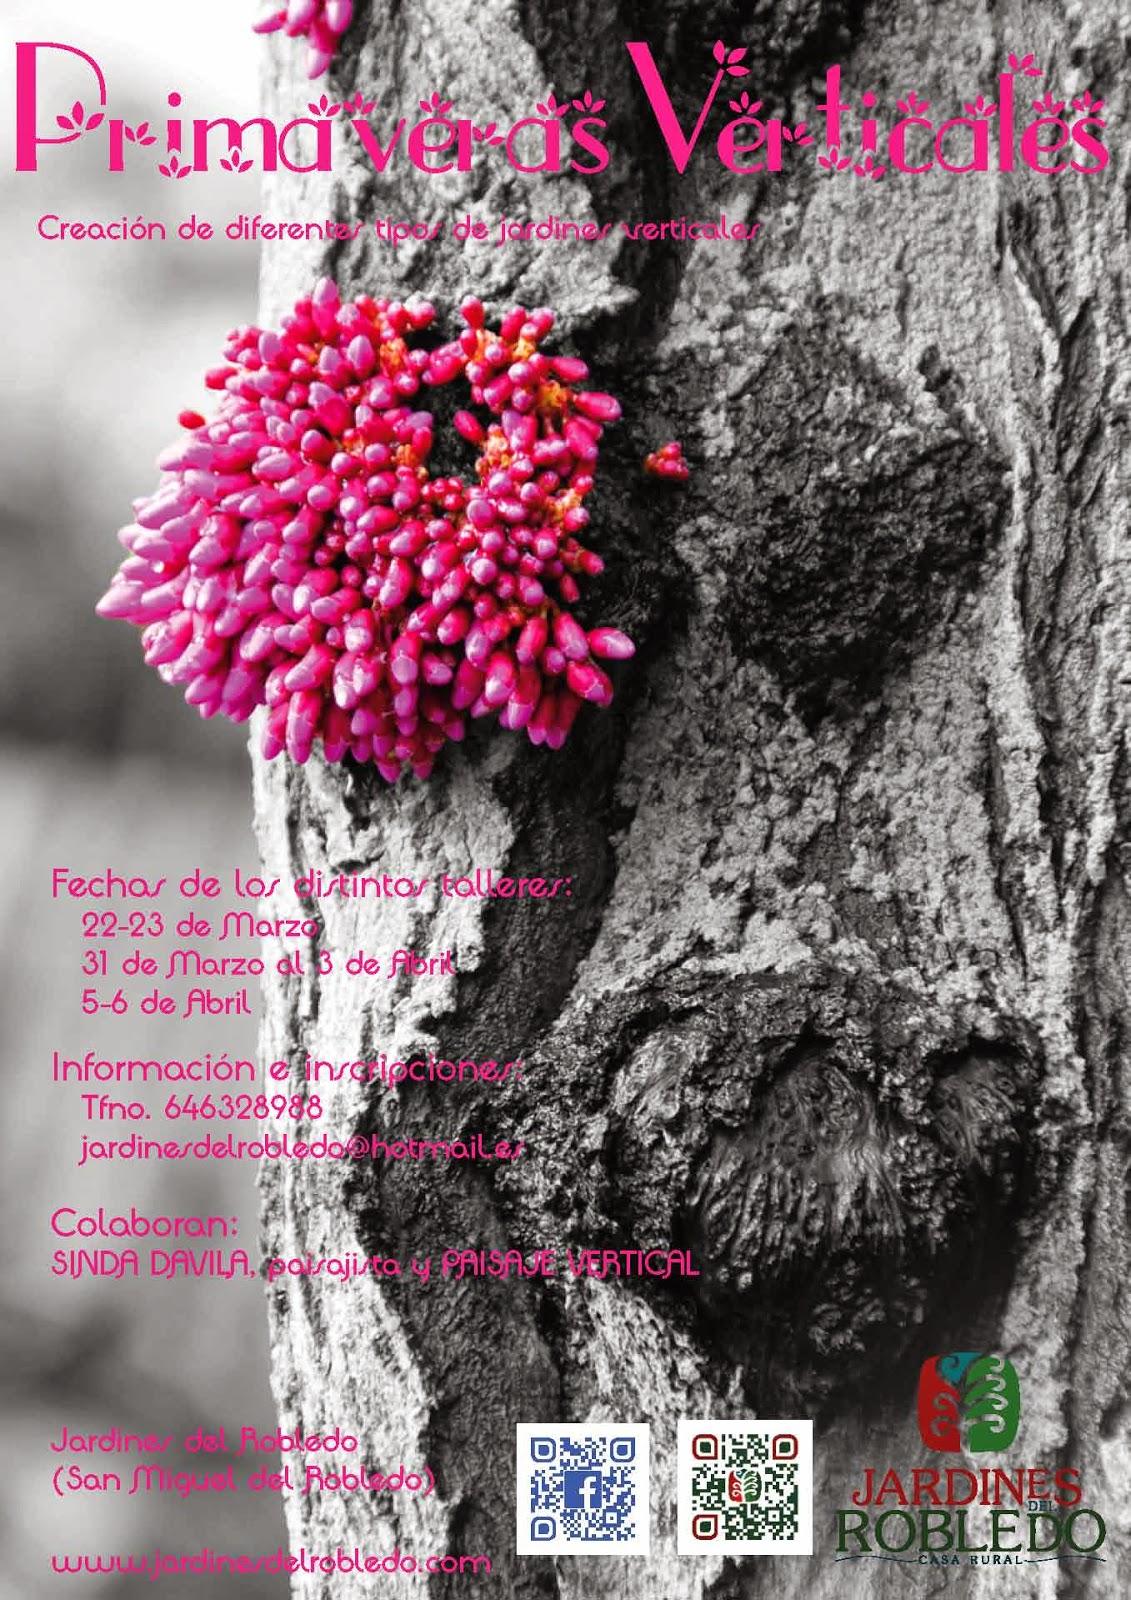 Primaveras verticales en los jardines del robledo - Jardines del robledo ...